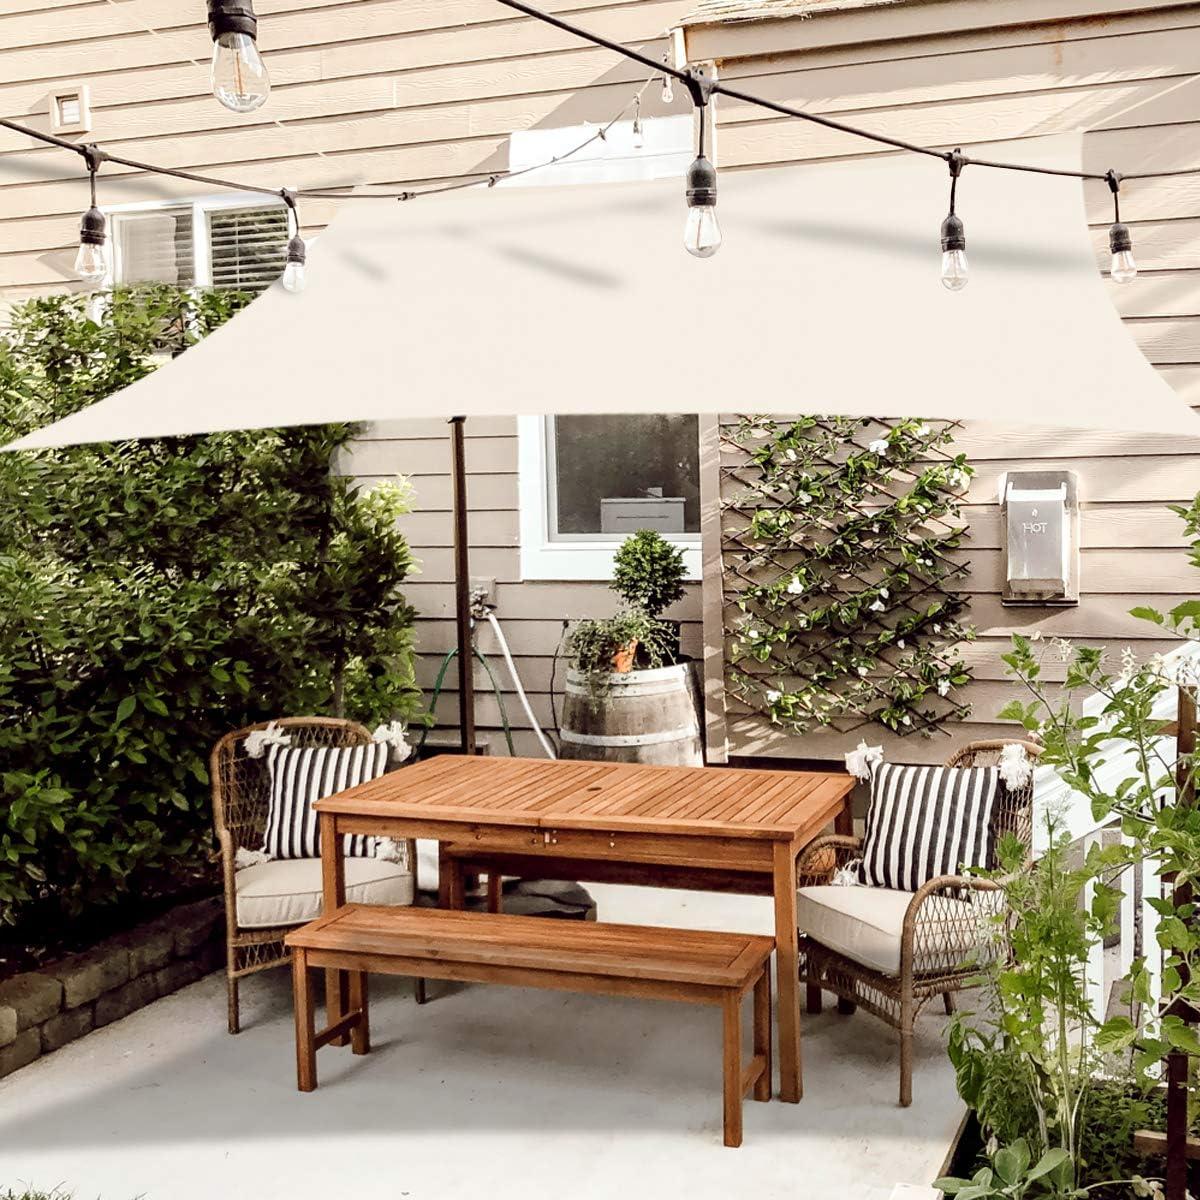 OKAWADACH Toldo Vela de Sombra Rectángulo 2 x 3m, Vela de Sombra Protección UV para Patio, Exteriores, Jardín, Blanco Crema